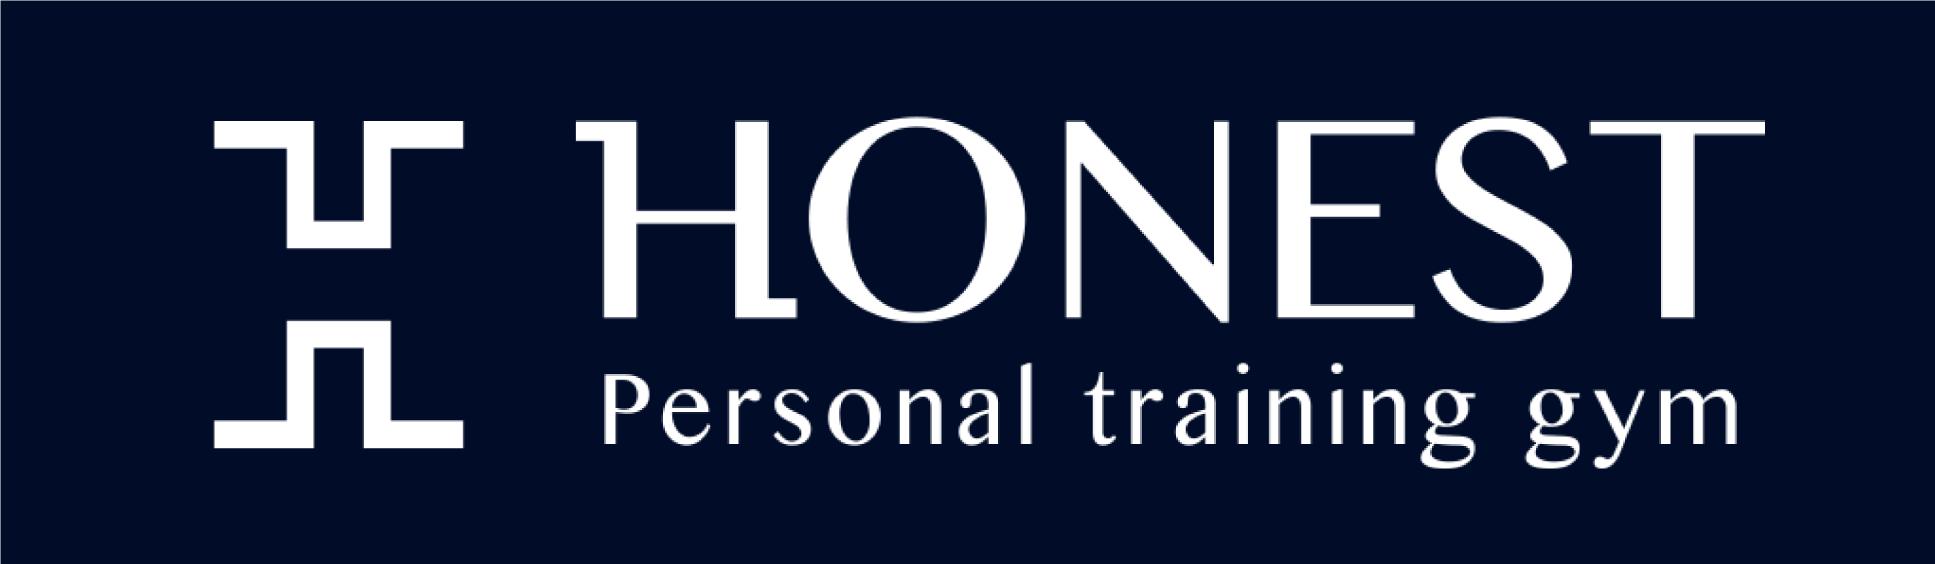 鹿児島市のパーソナルトレーニング、パーソナルトレーナー | Personal training gym HONEST